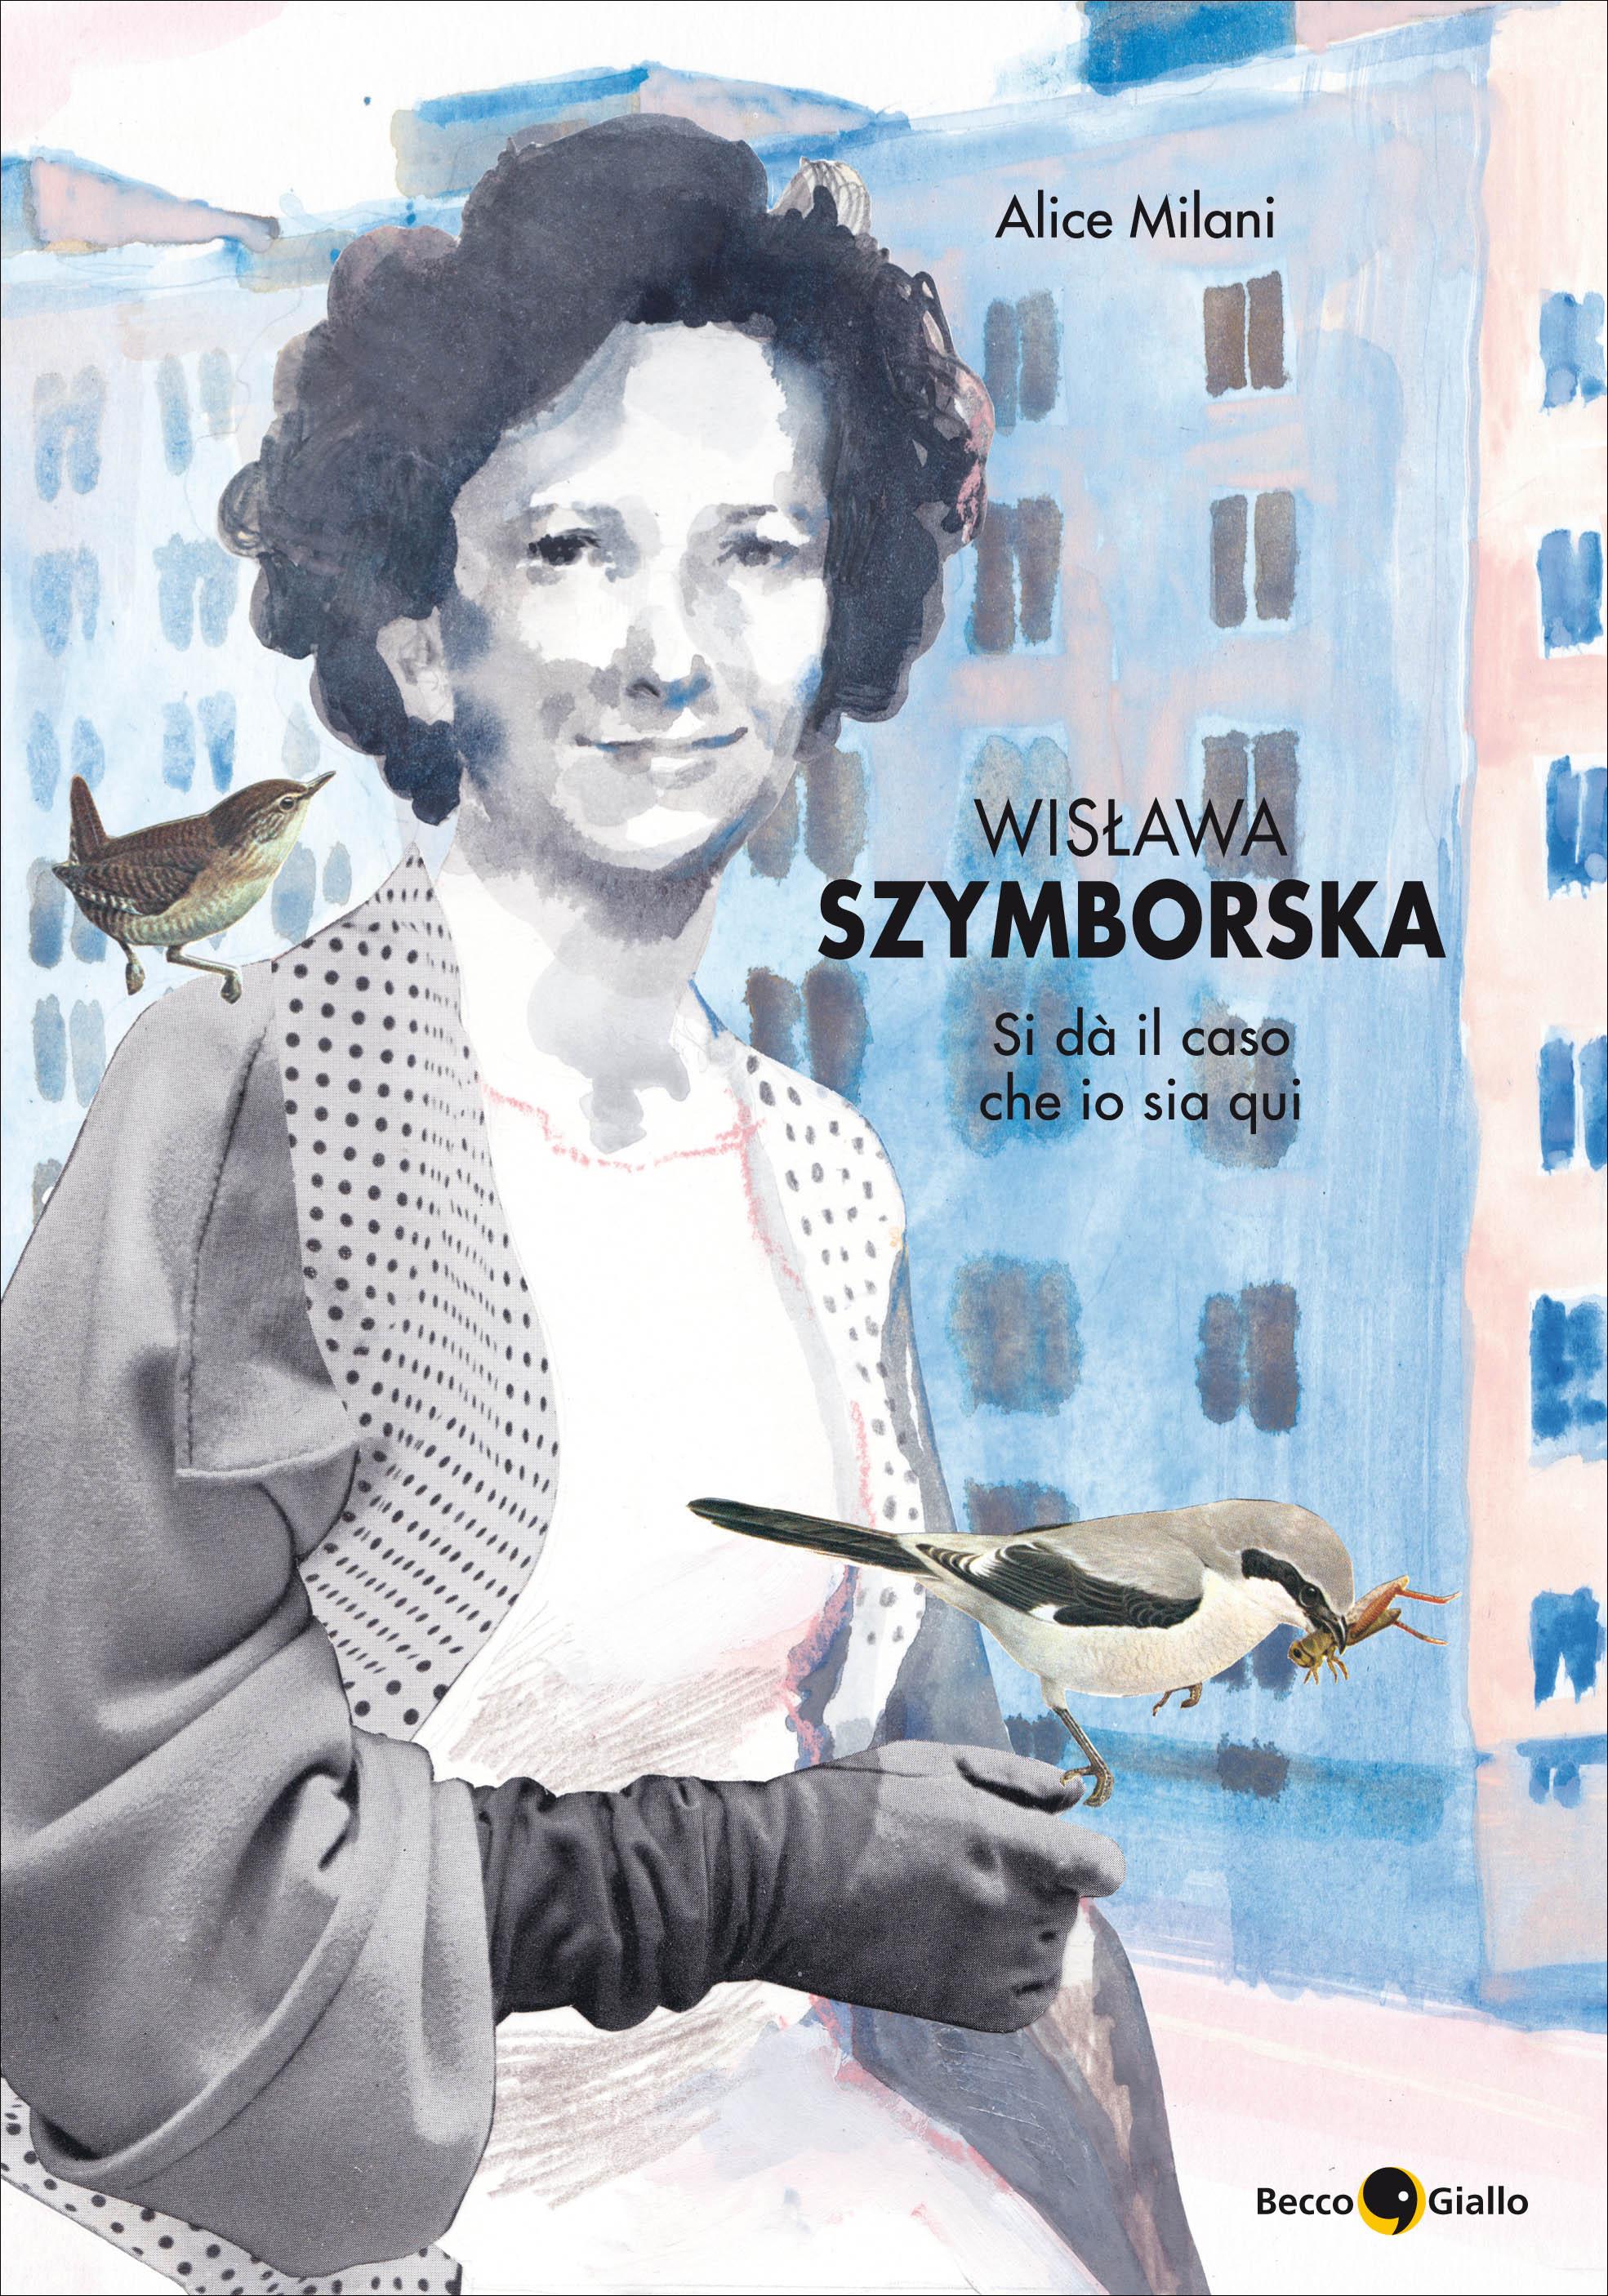 Wislawa Szymborska. Si dà il caso che io sia qui. Di Alice Milani